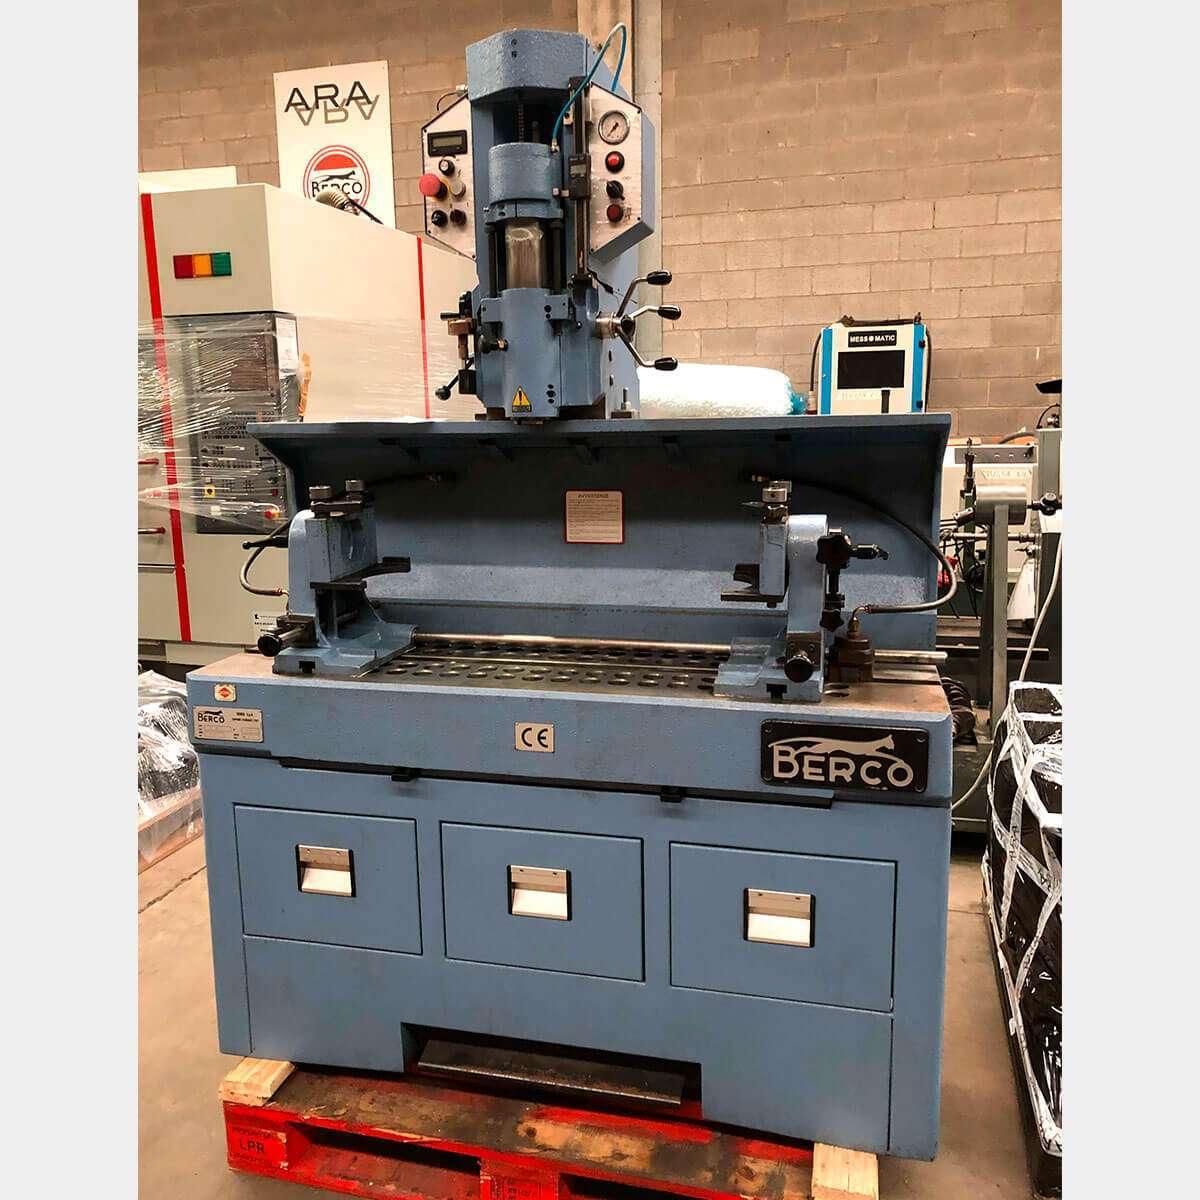 MU783 - BERCO ASV-A Used Valve Seat Cutting Machine